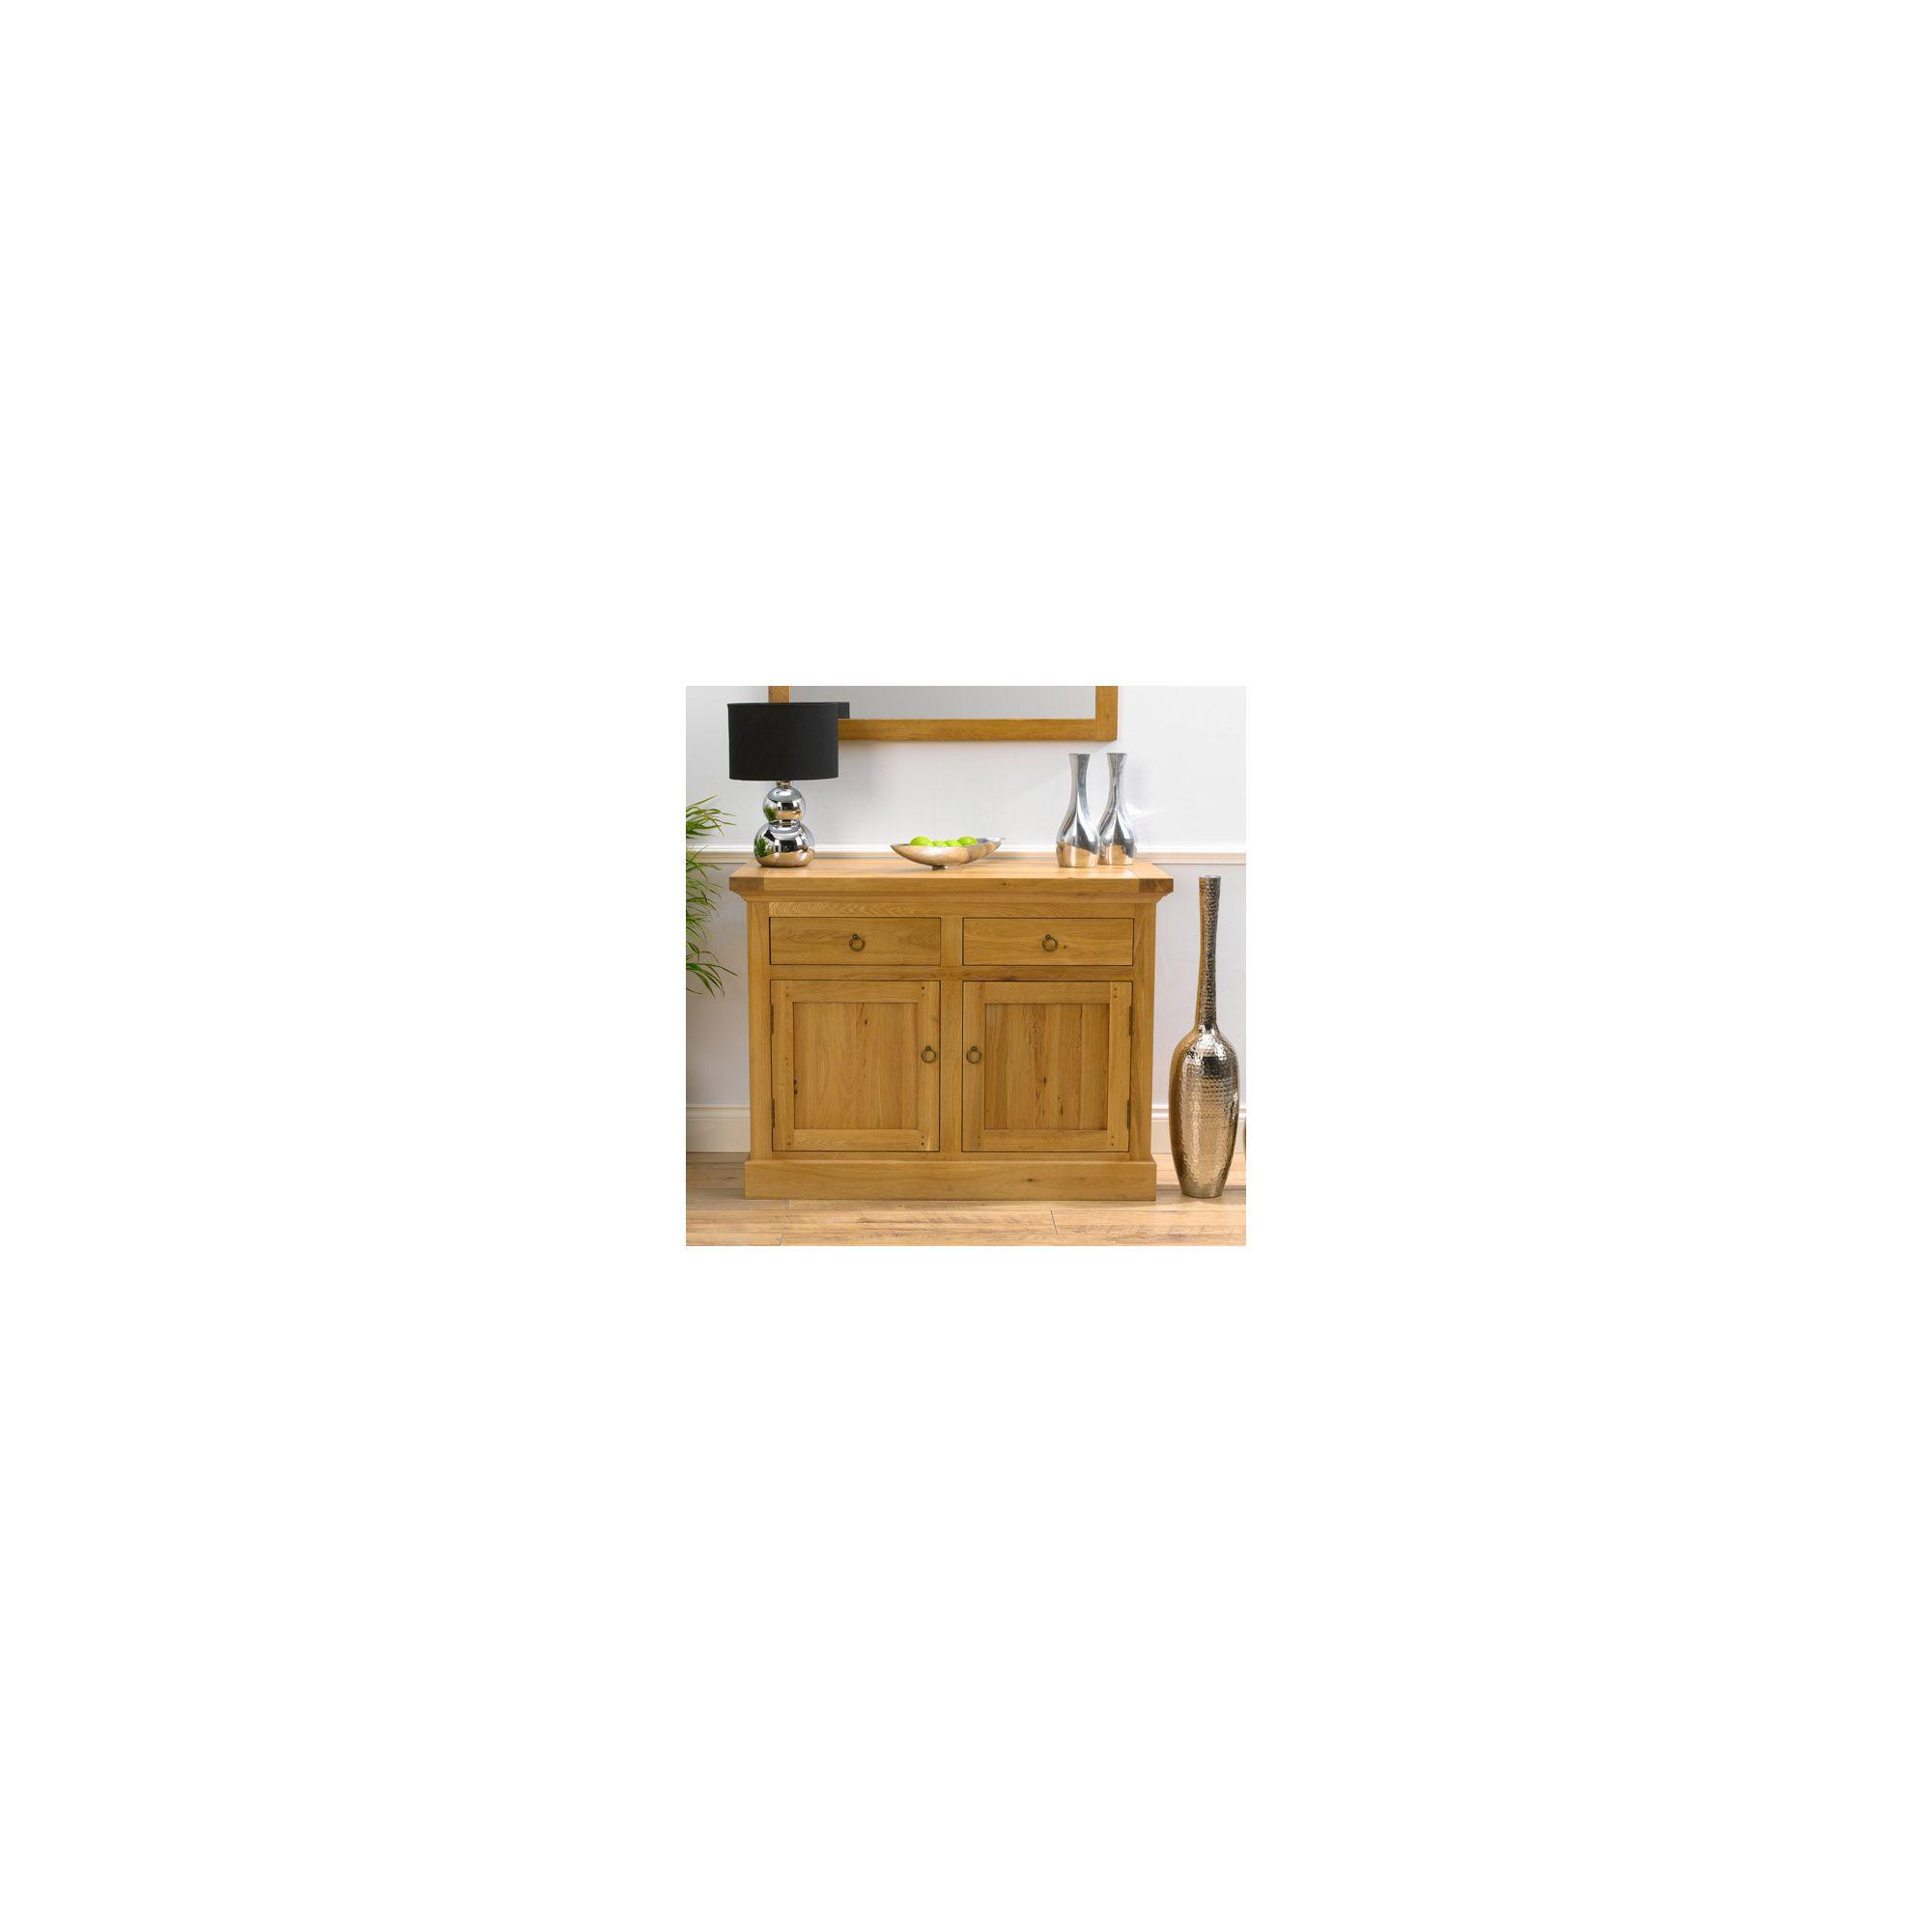 Mark Harris Furniture Rustique 2 Door Sideboard in Solid Oak at Tesco Direct